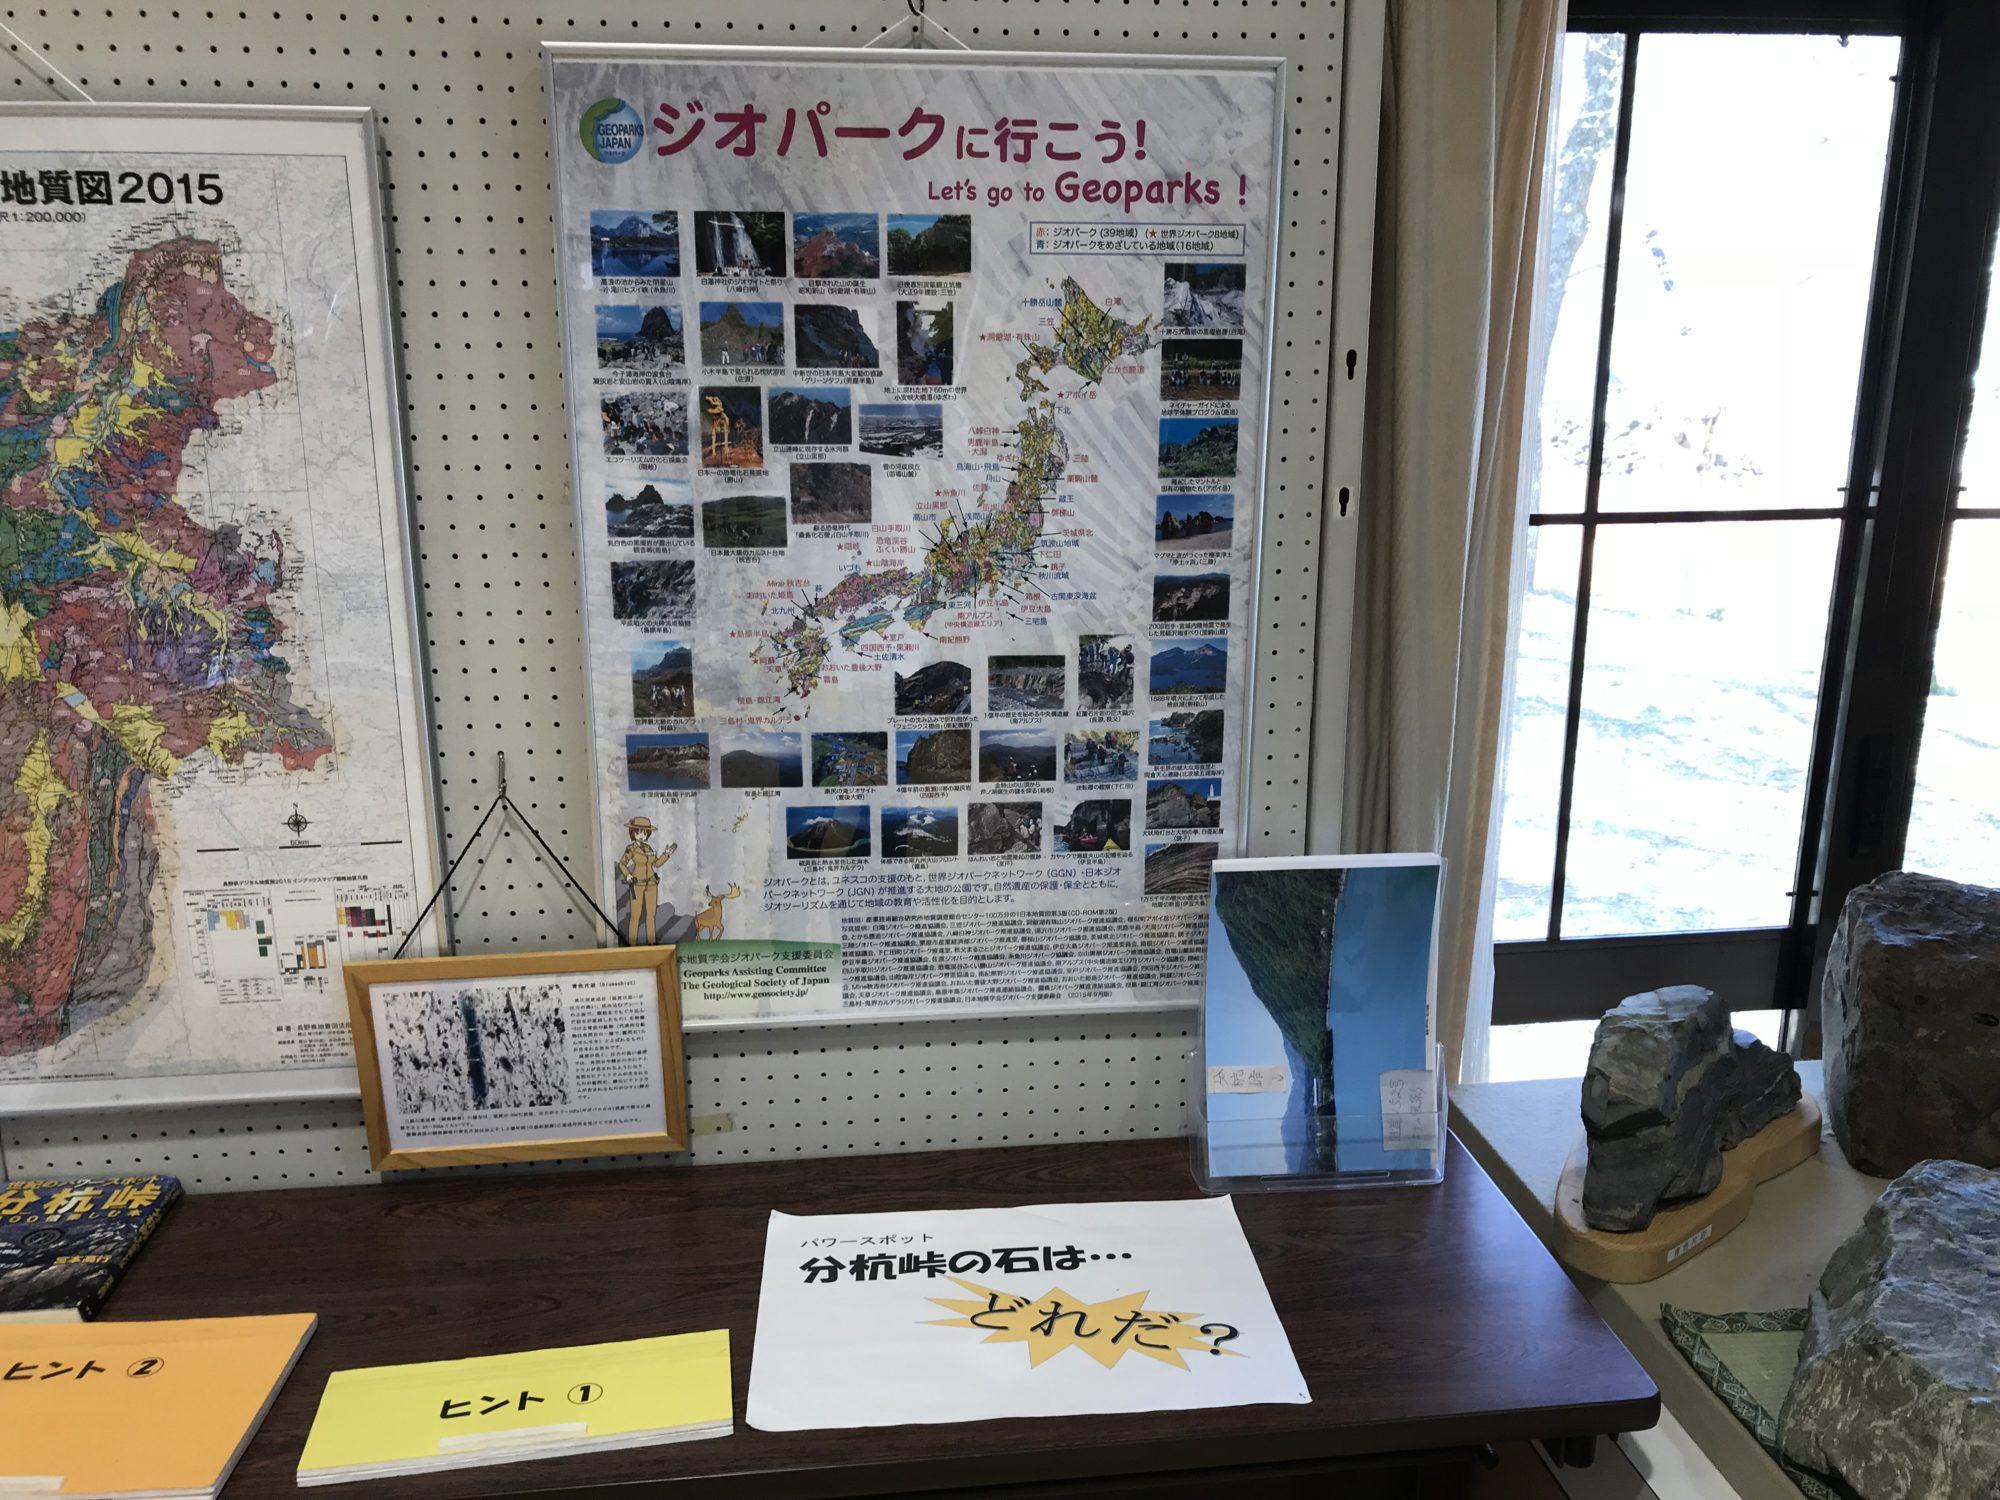 分杭峠の石の展示物説明ポスター